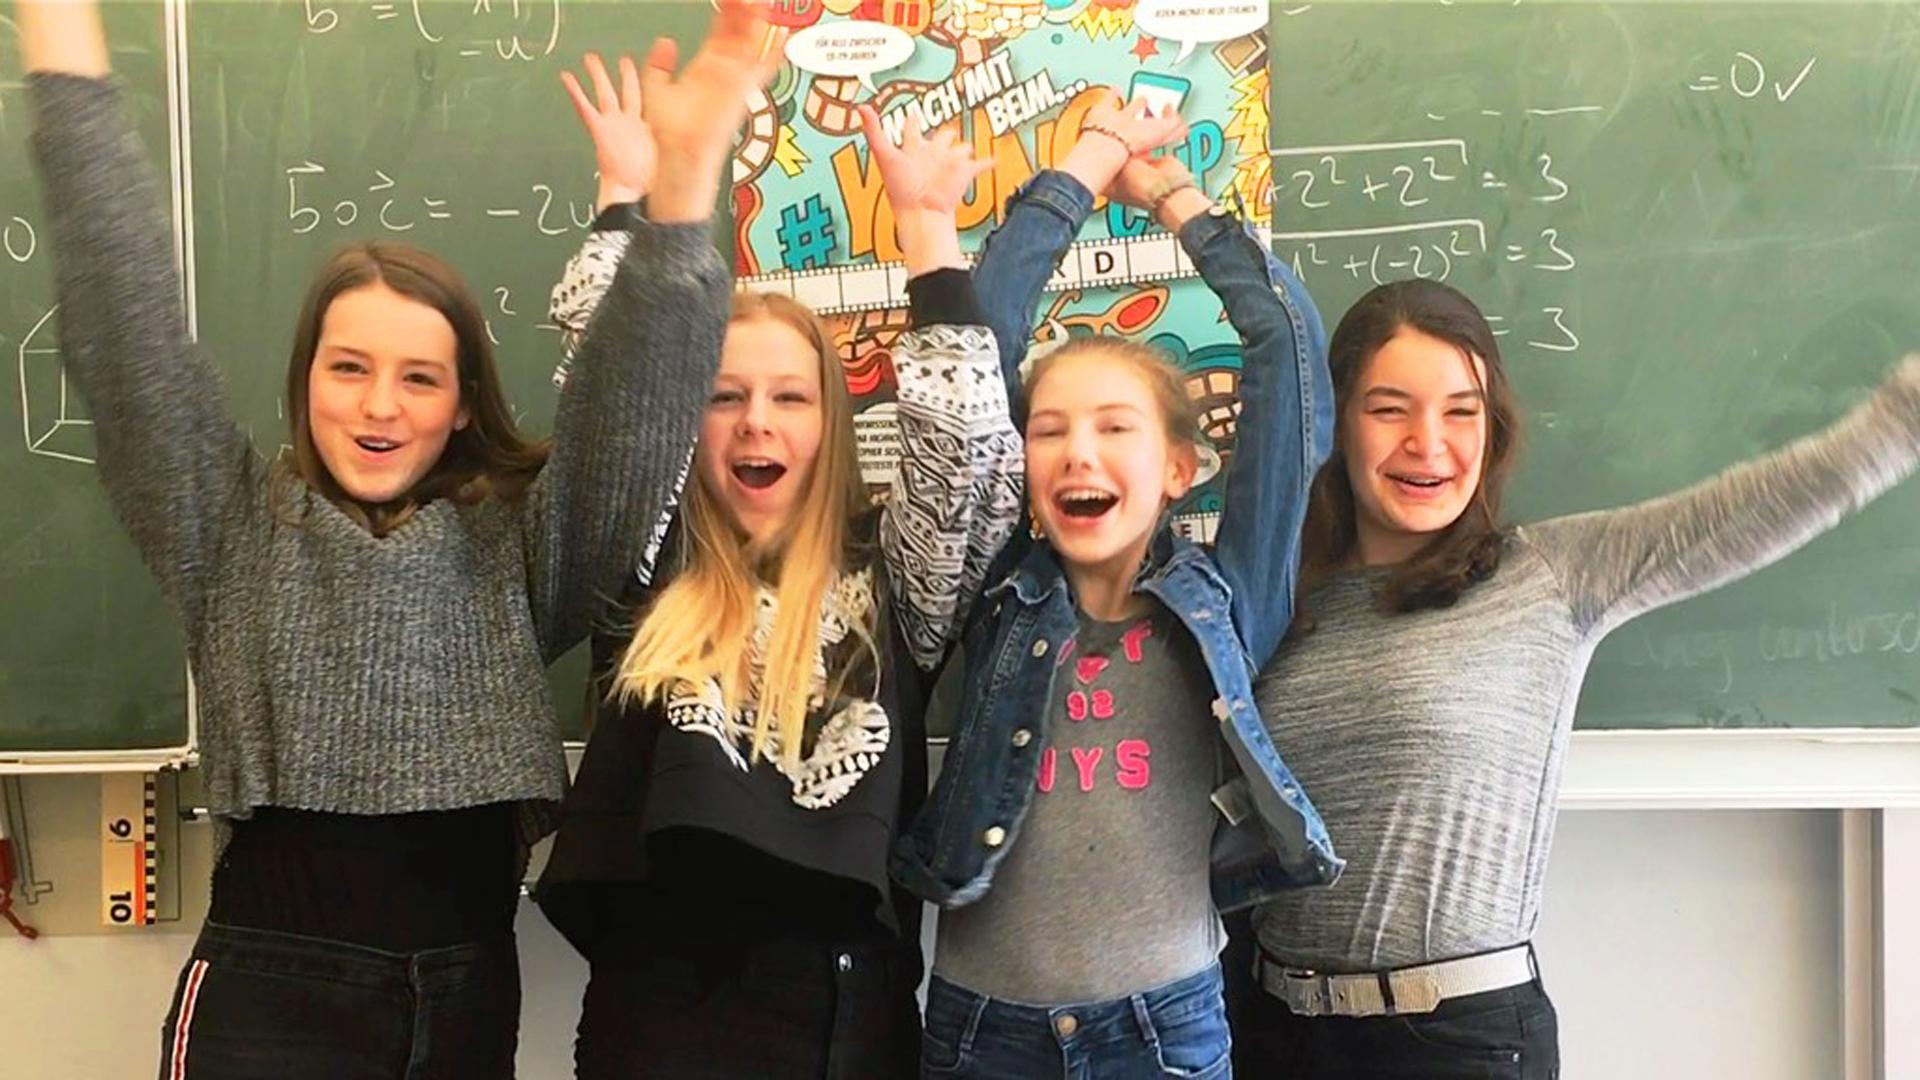 Diese vier Mädchen aus Offenbach haben die Hauptrolle in dem Gewinnerclip gespielt